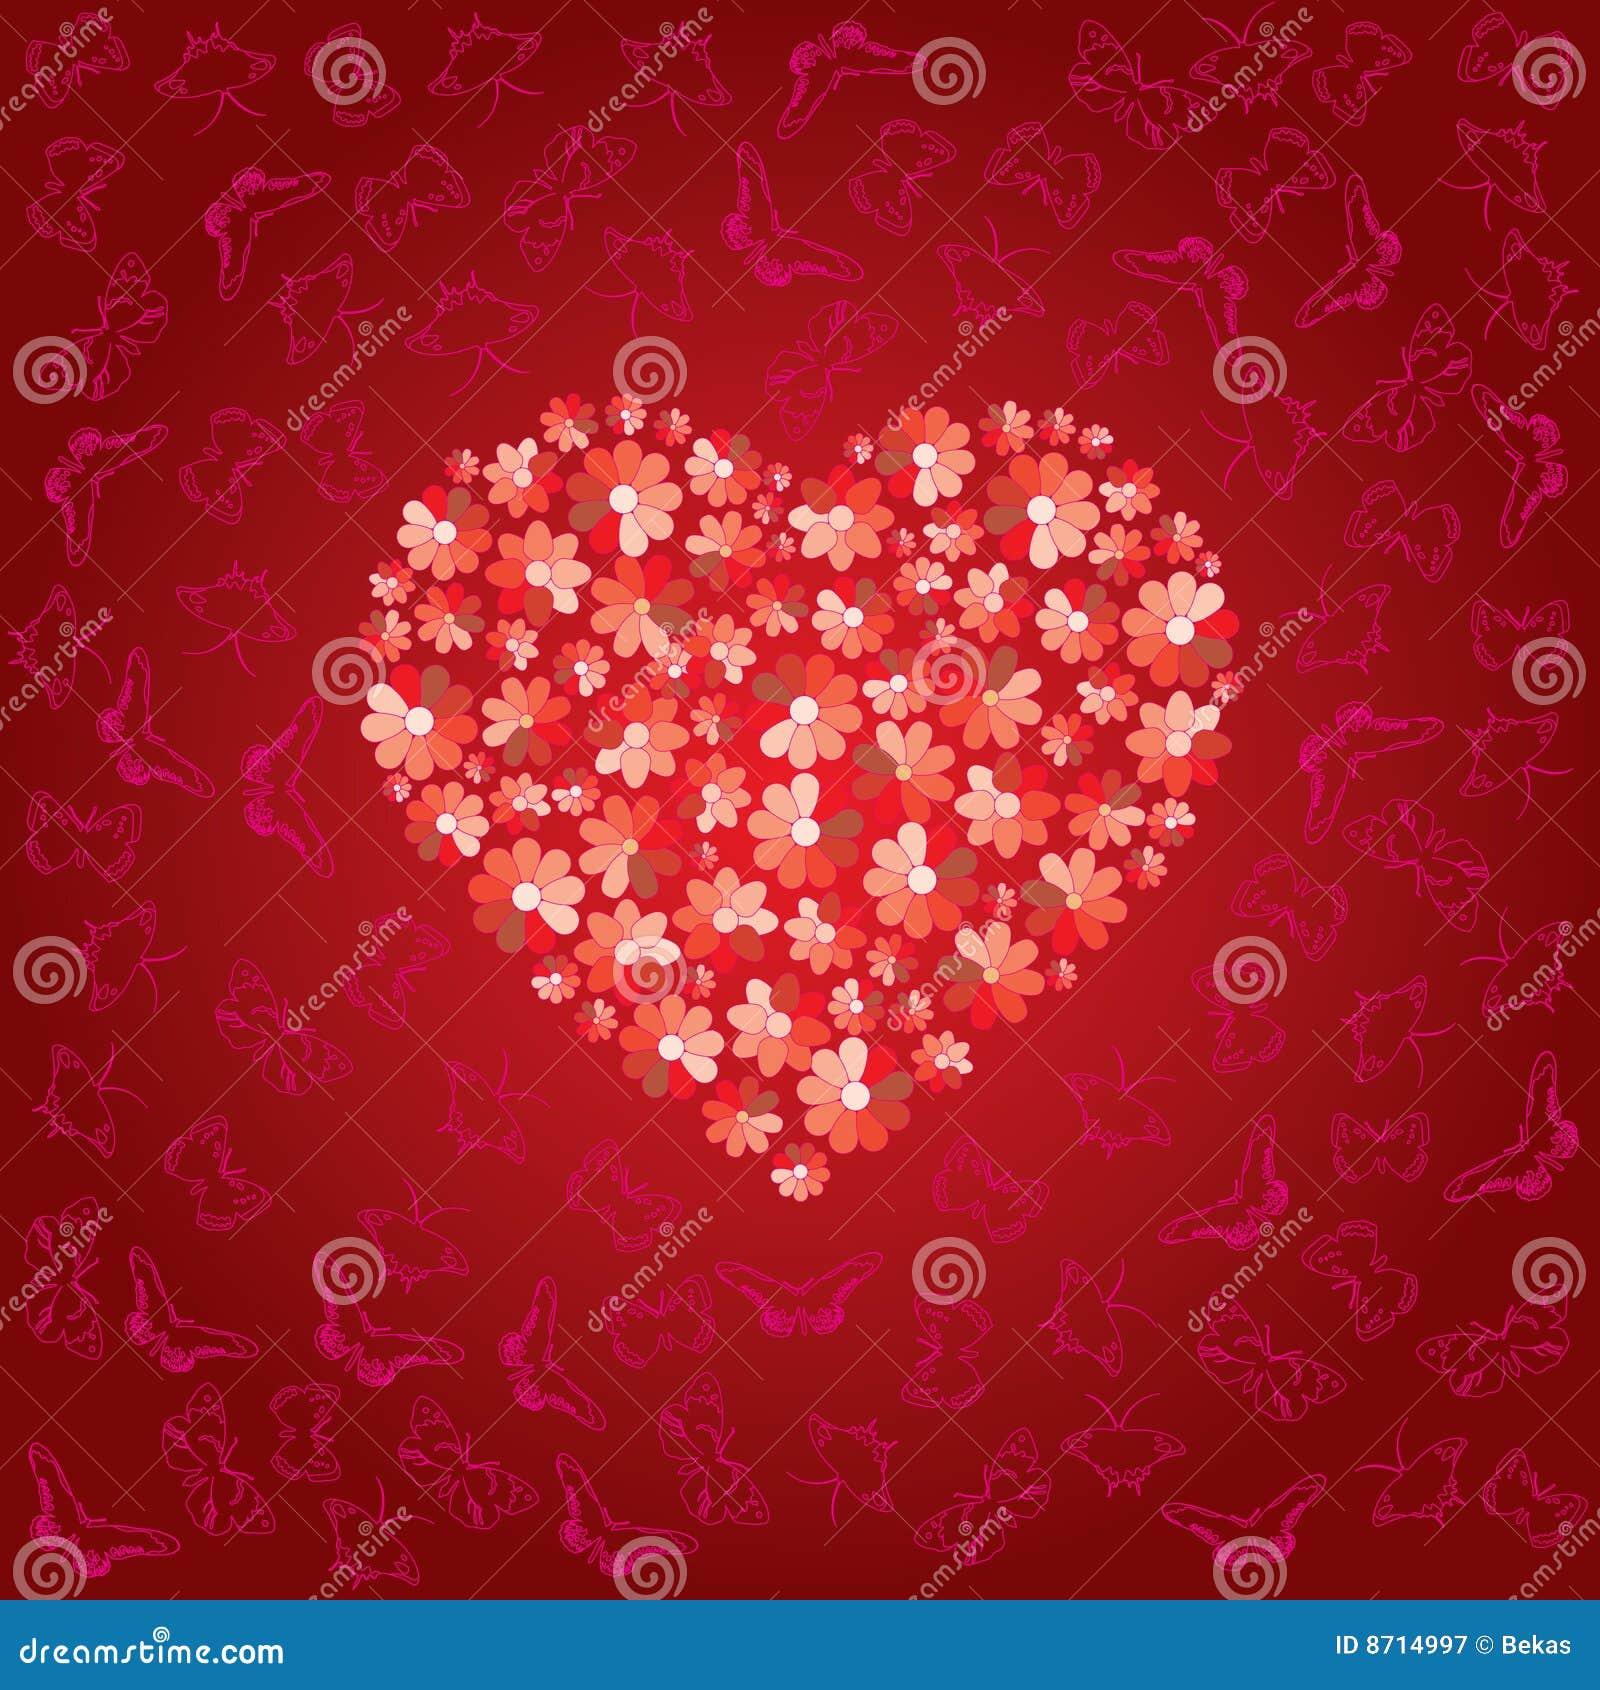 Il cuore rosso è riempito